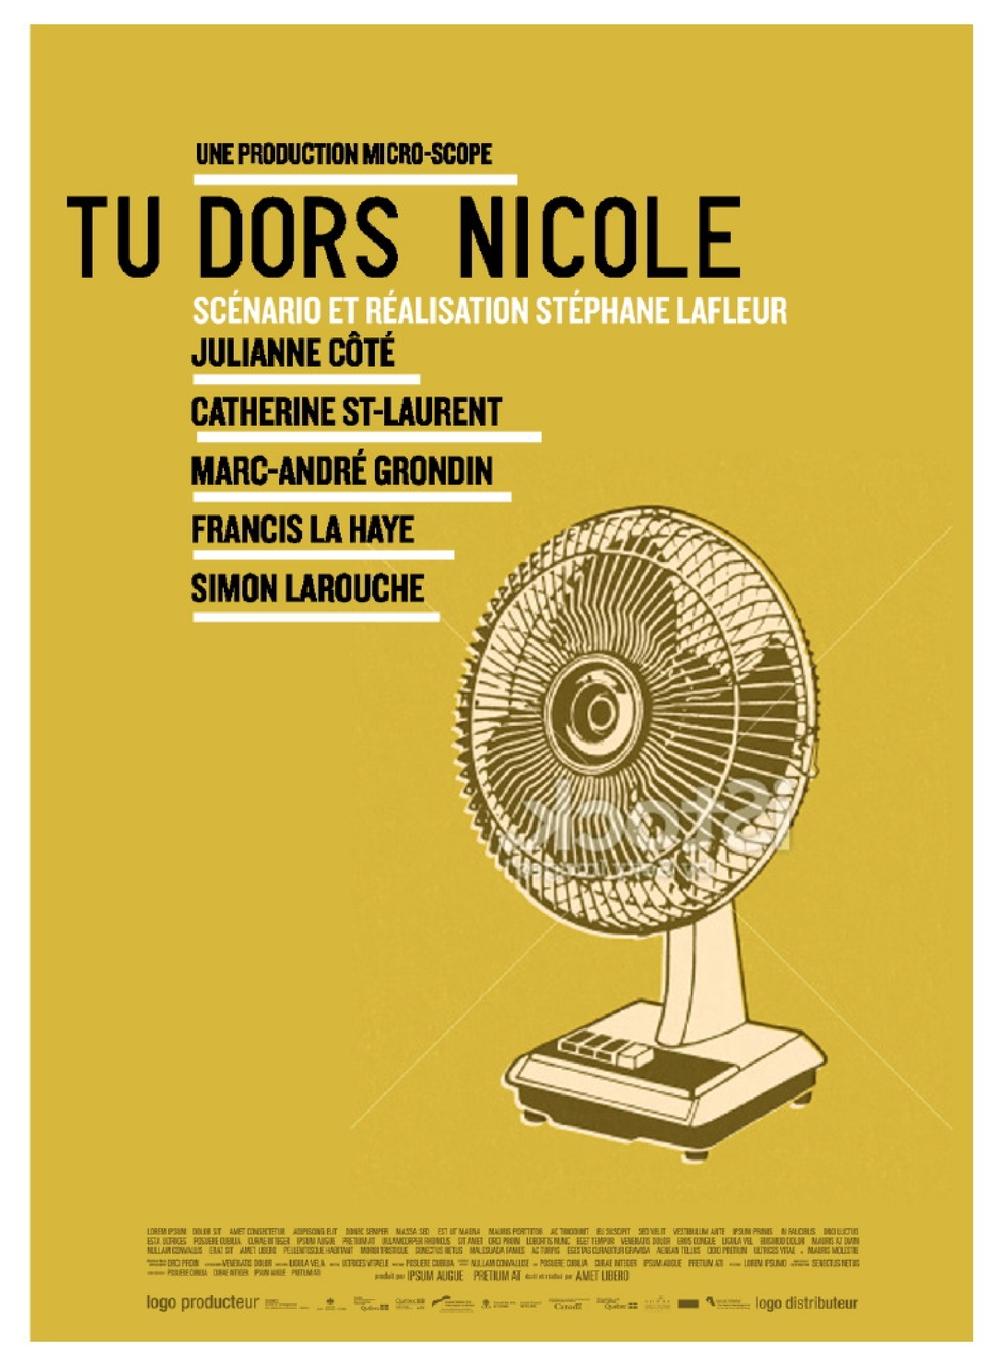 RENZO-TuDorsNicole-Poster-7fev_00020.jpg